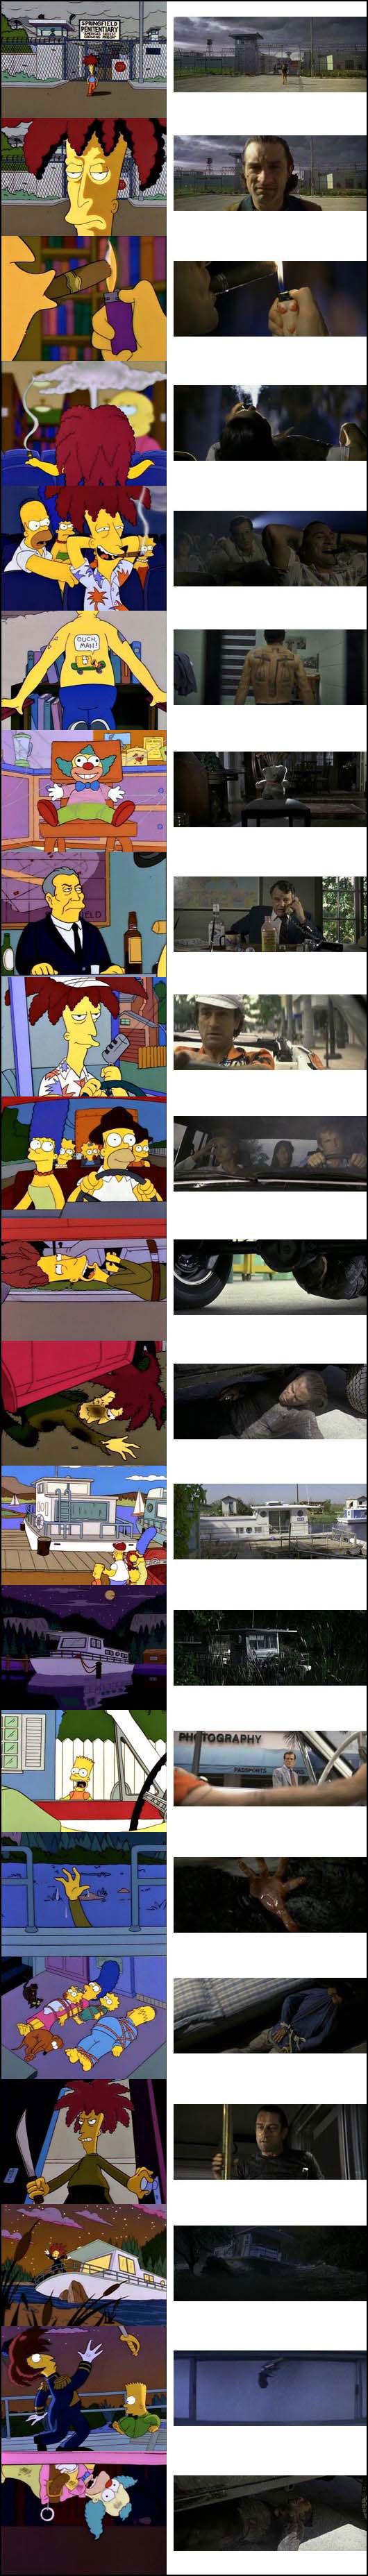 Simpsons-movie-parodies-31